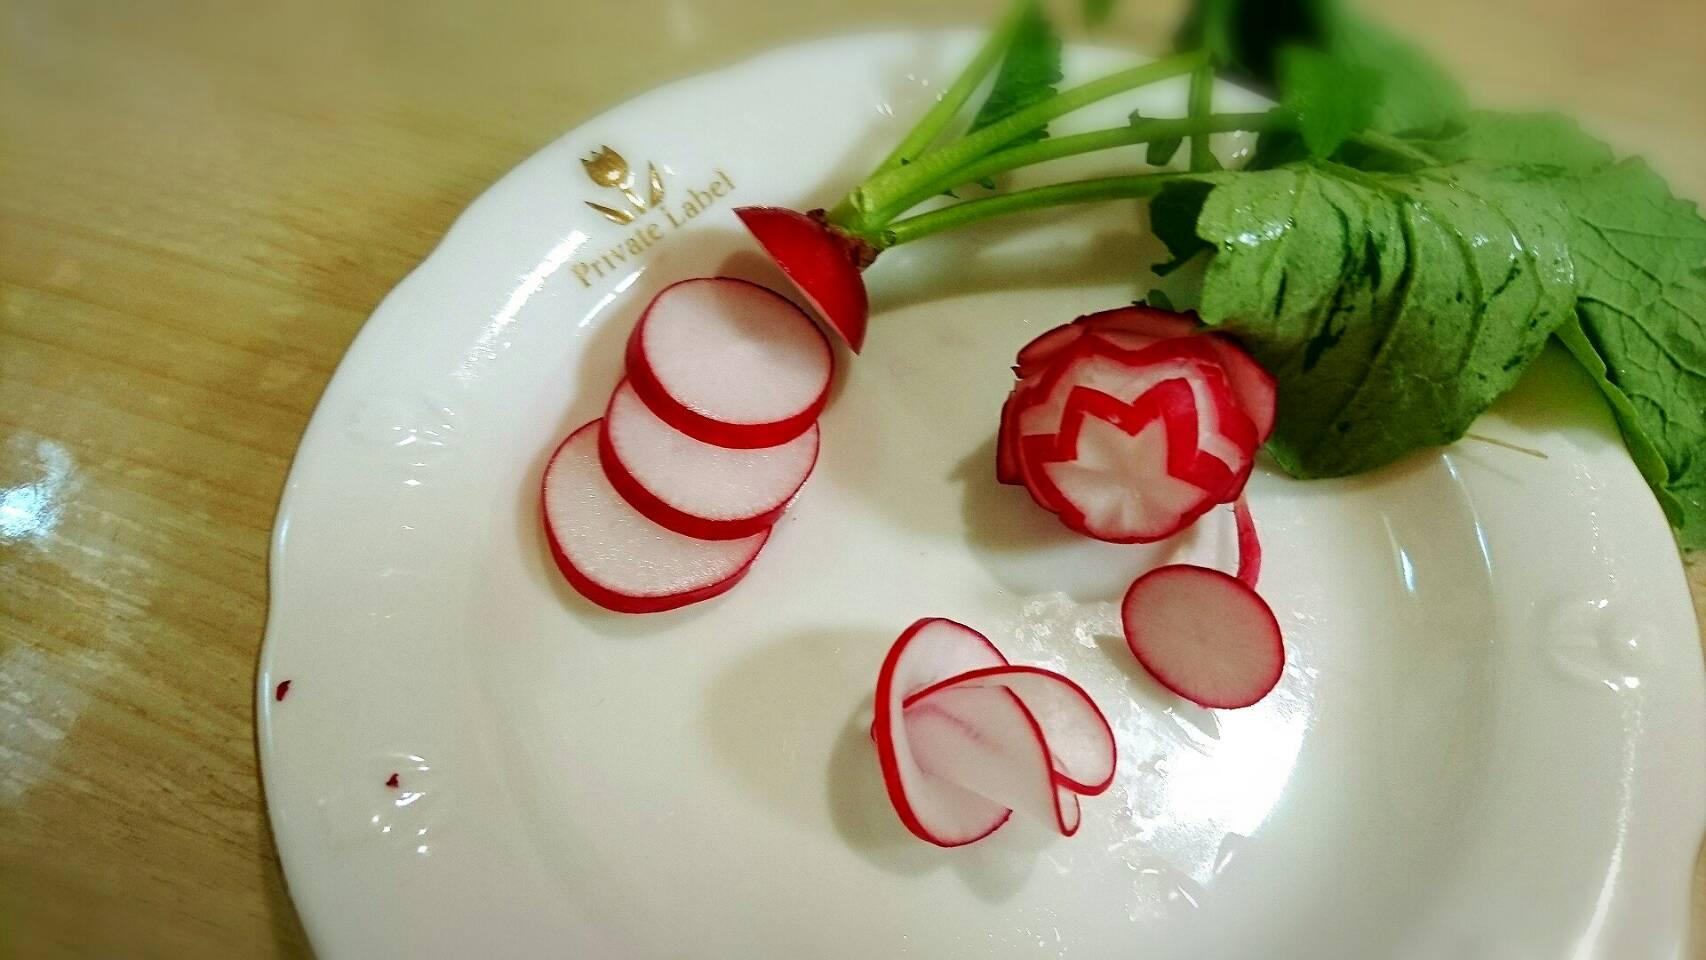 【飾り切り】 お弁当の飾りに ラディッシュで花びらの飾り切り